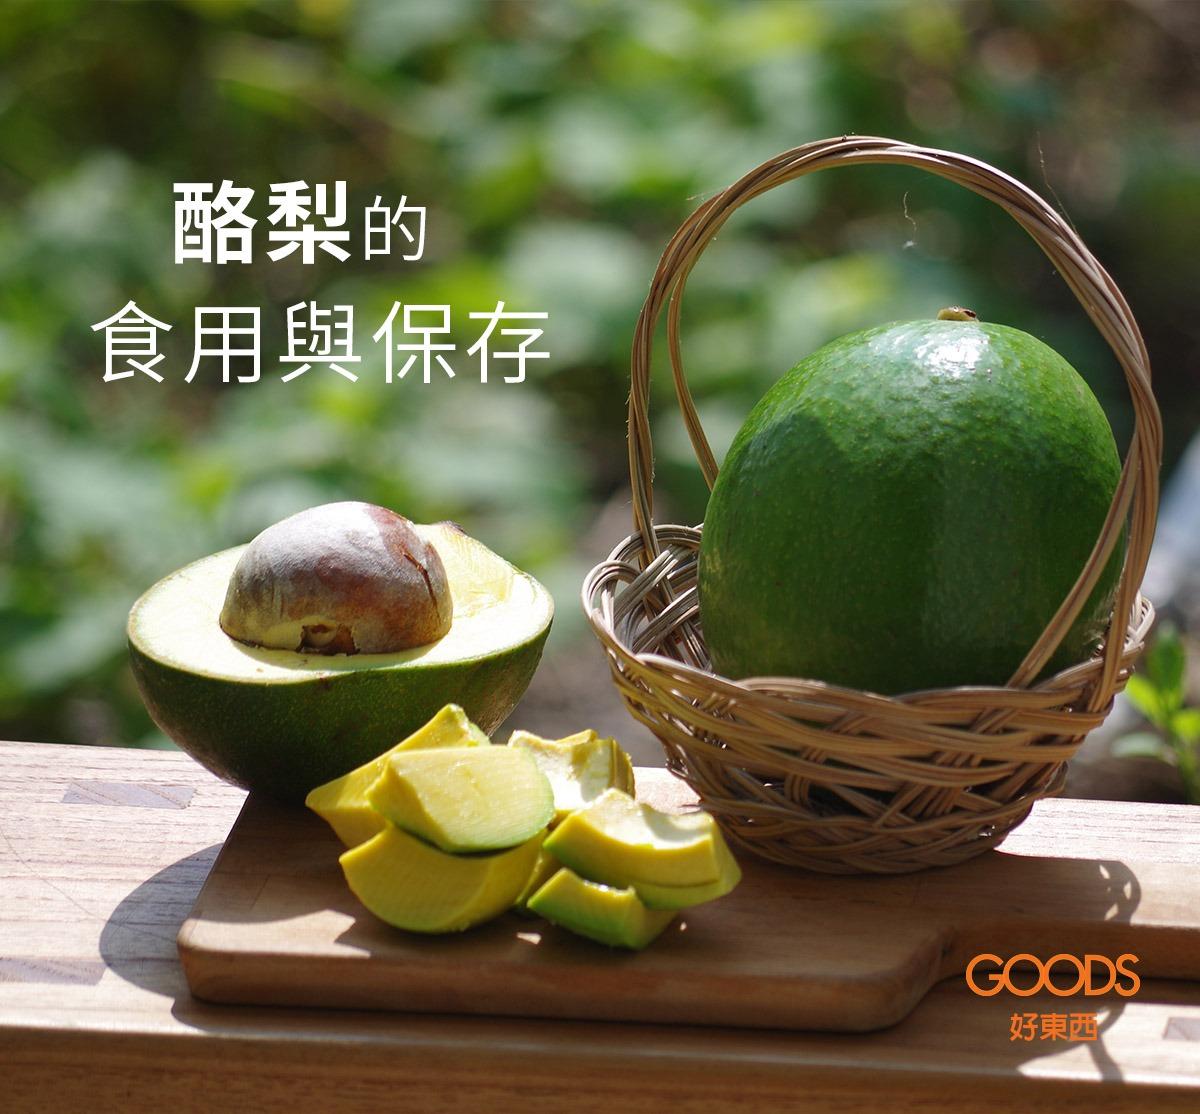 自然農法頂級酪梨